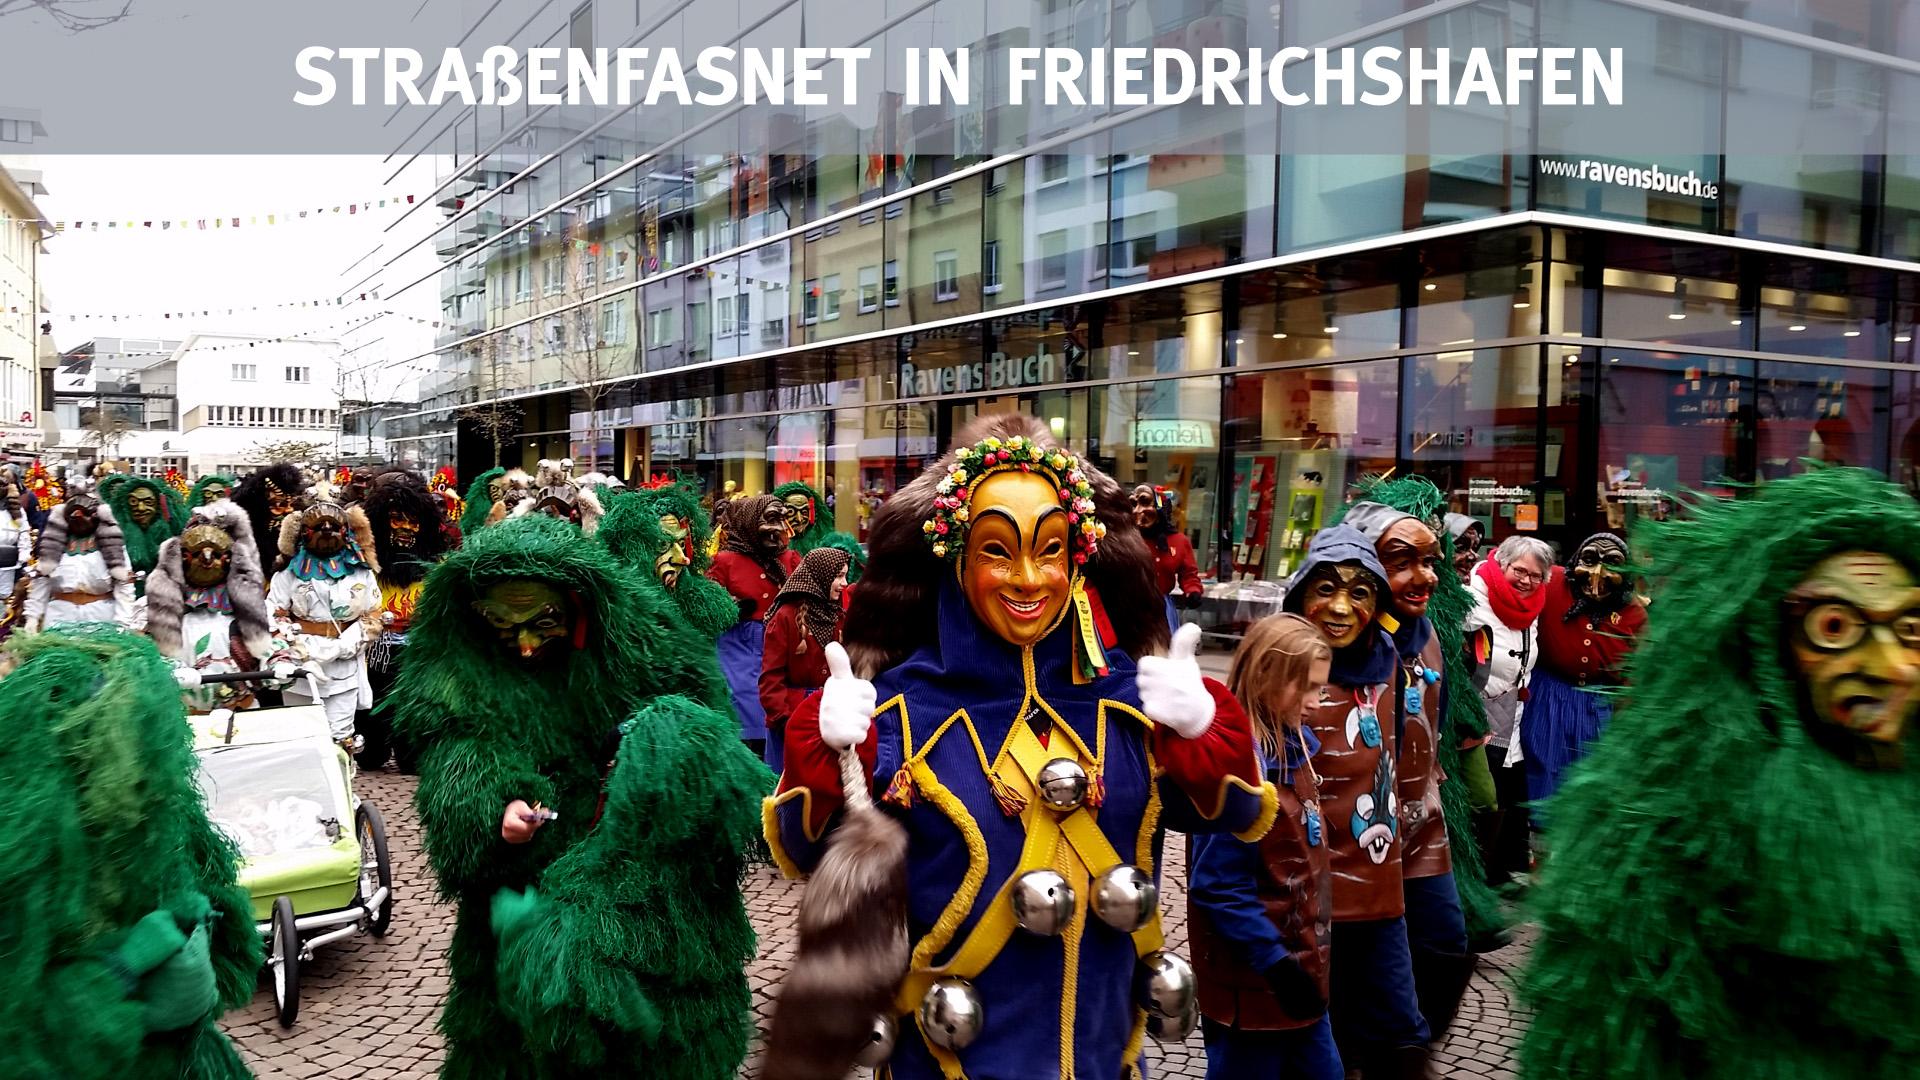 Straßenfasnet in Friedrichshafen